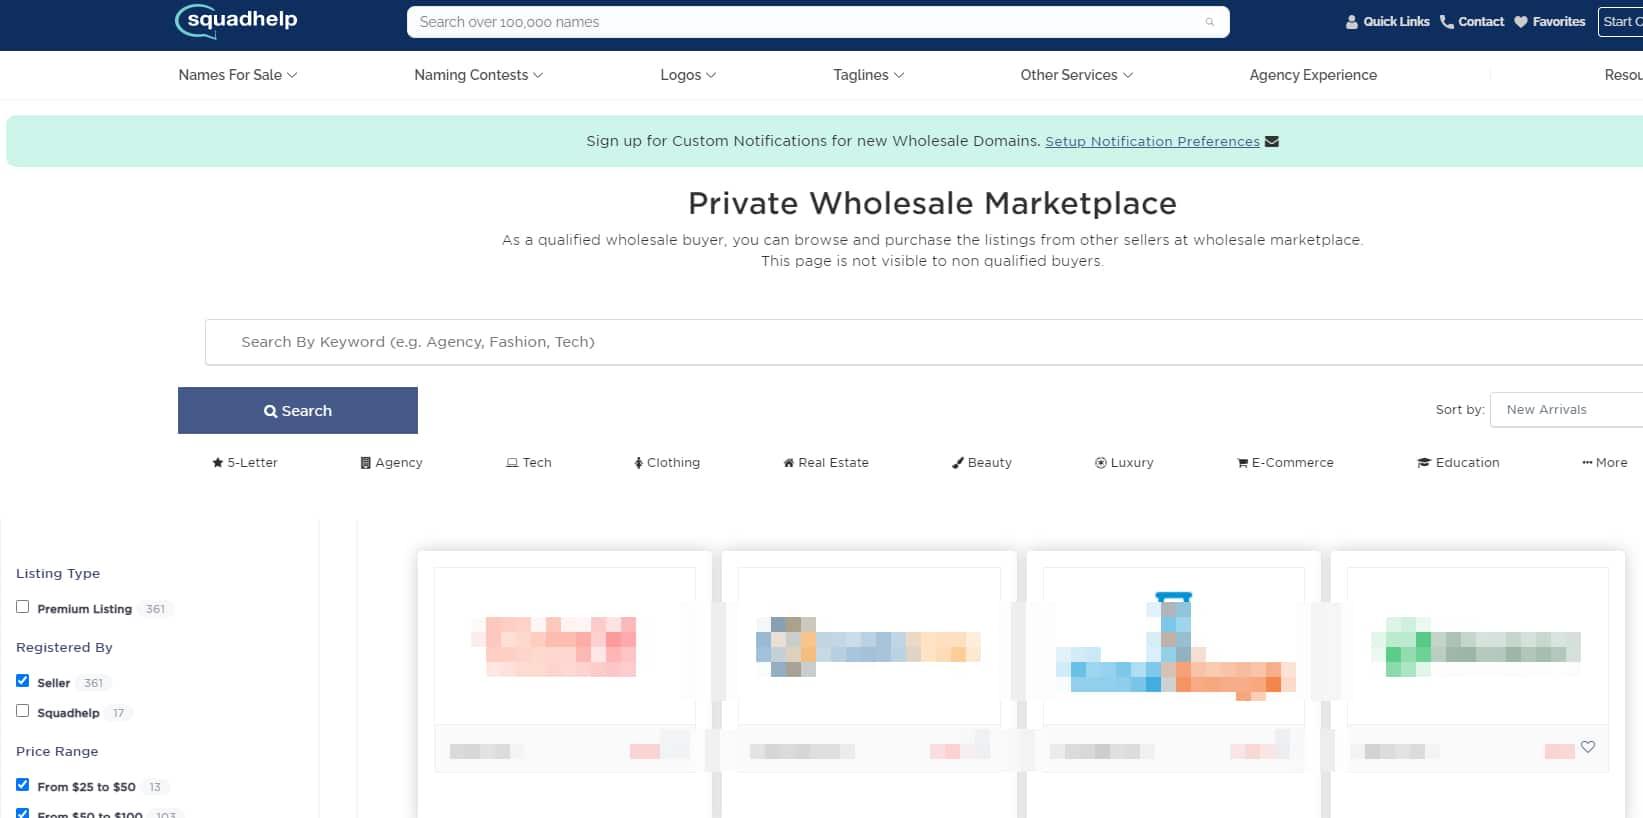 Screenshot of Squadhelp wholesale marketplace